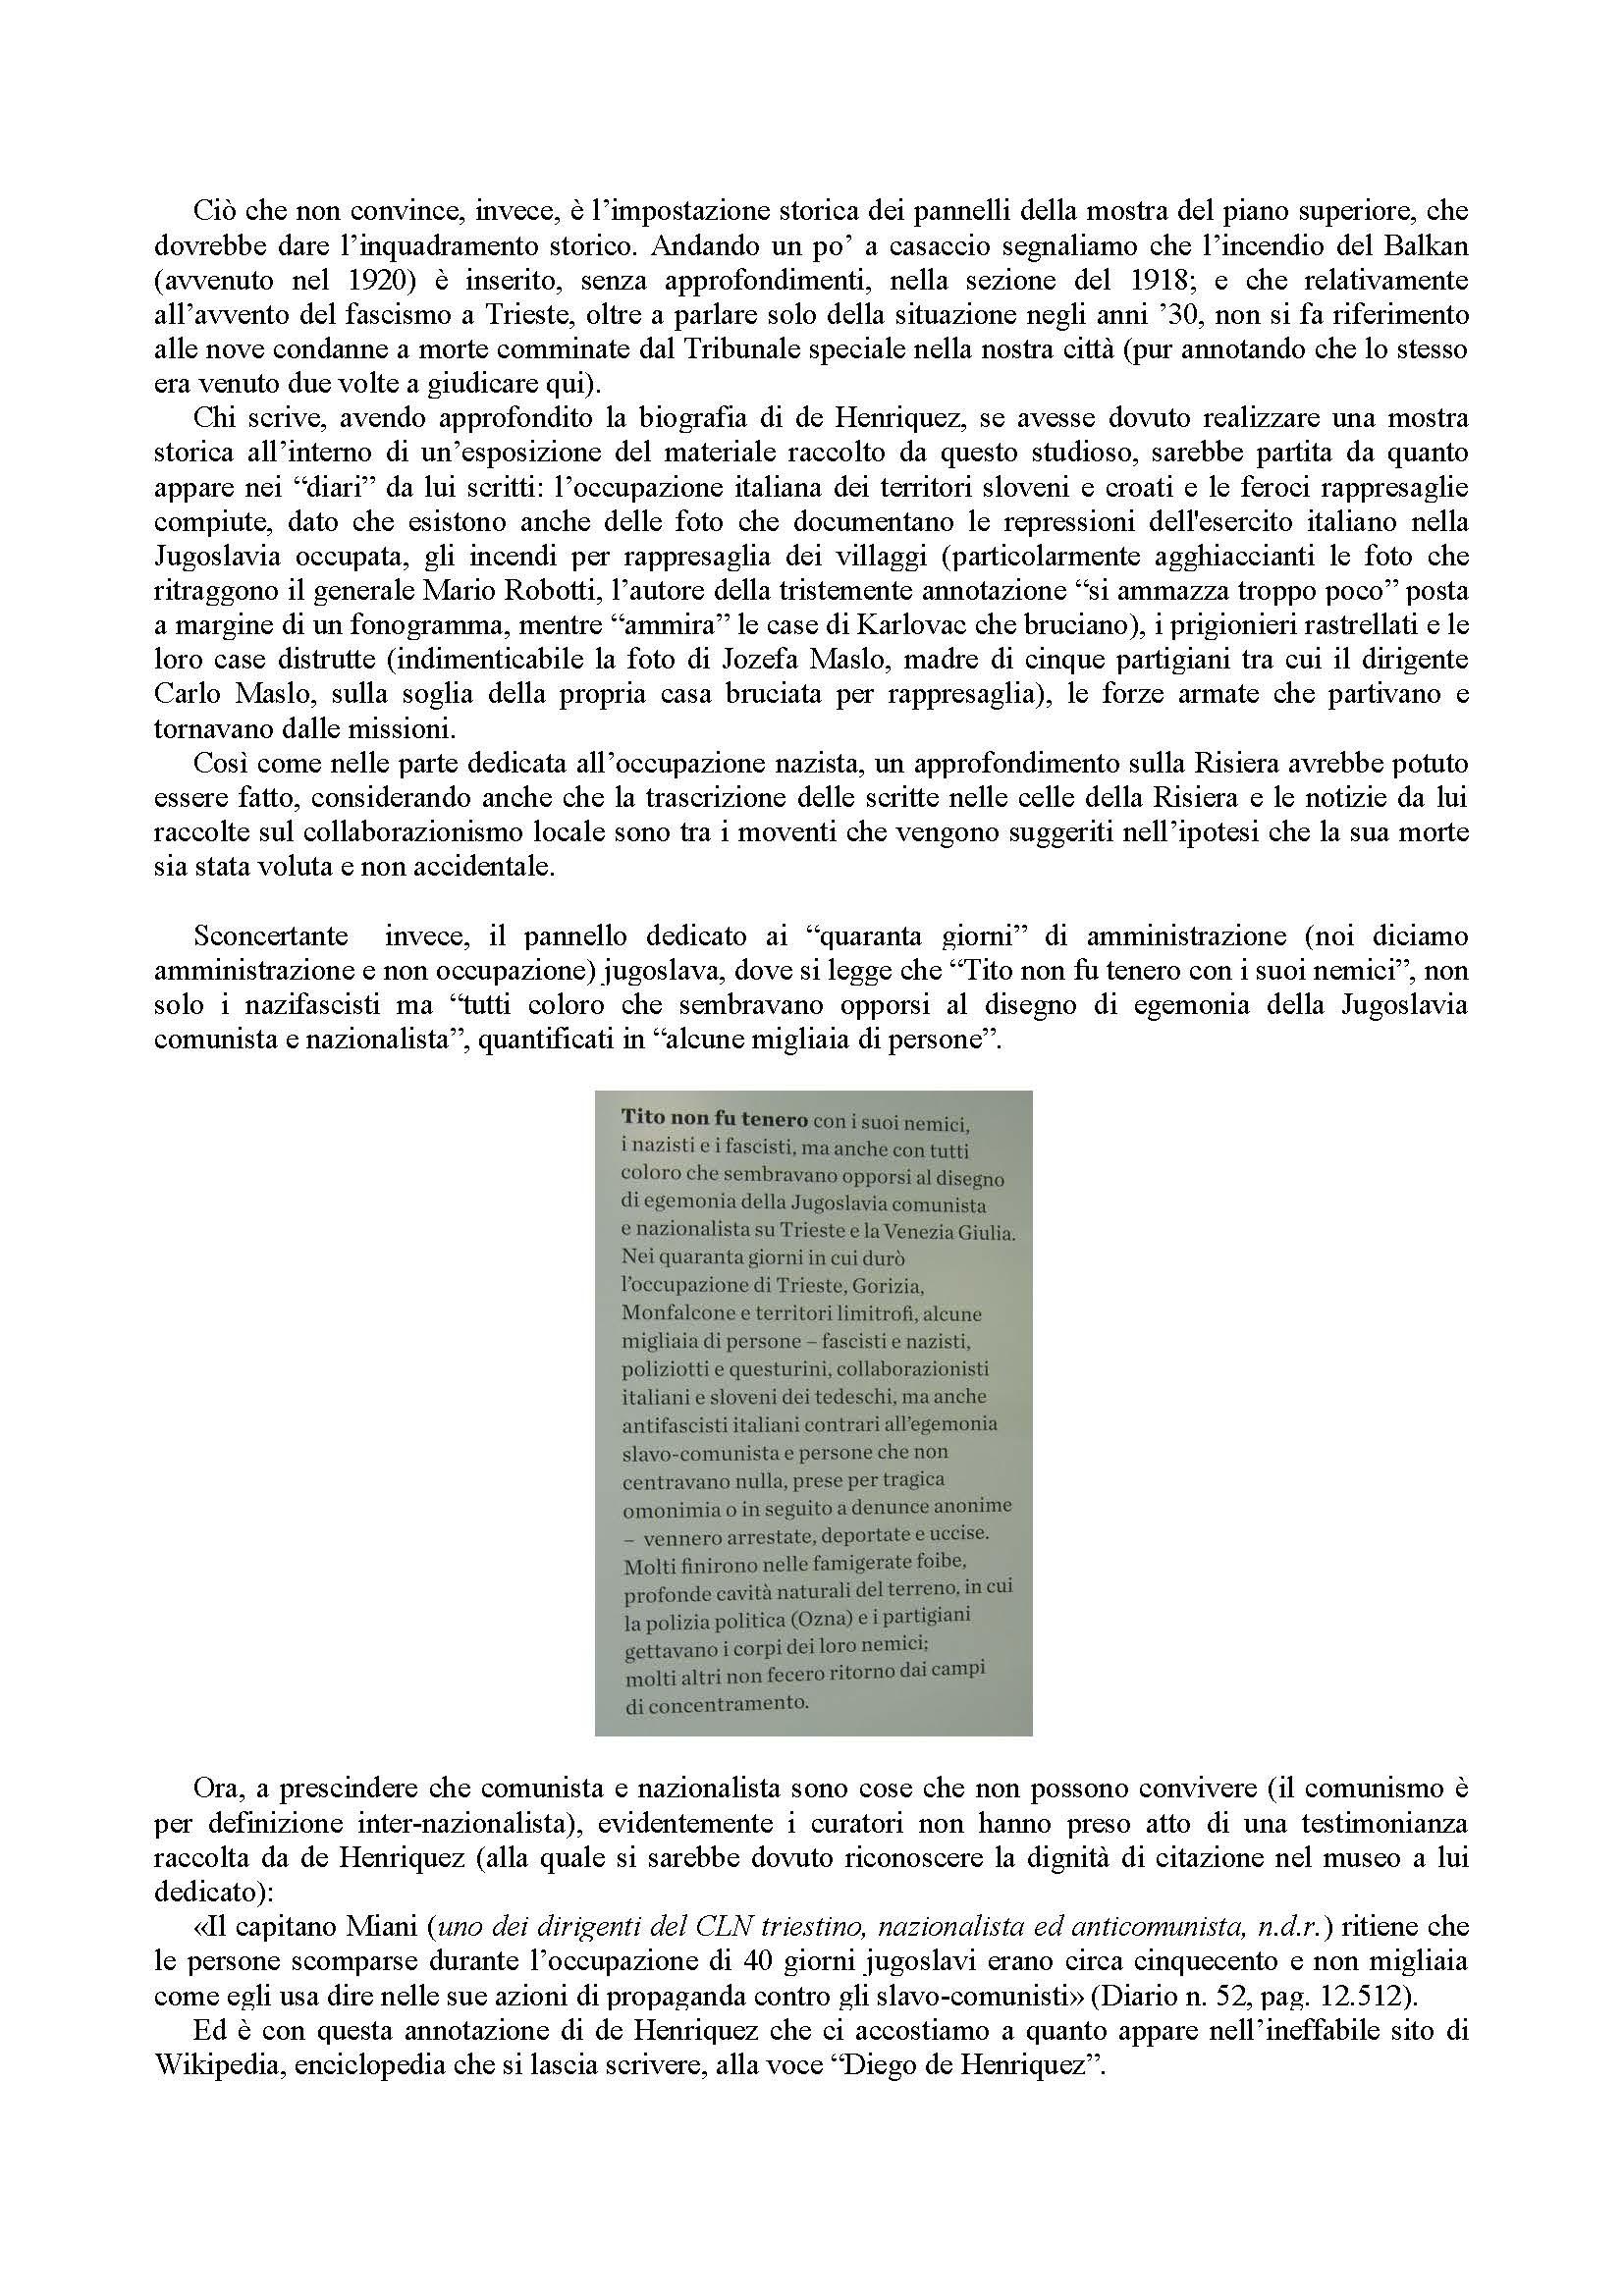 IL-MUSEO-DI-GUERRA-PER-LA-PACE-CON-IL-MATERIALE-DI-DIEGO-DE-HENRIQUEZ1_Page_3